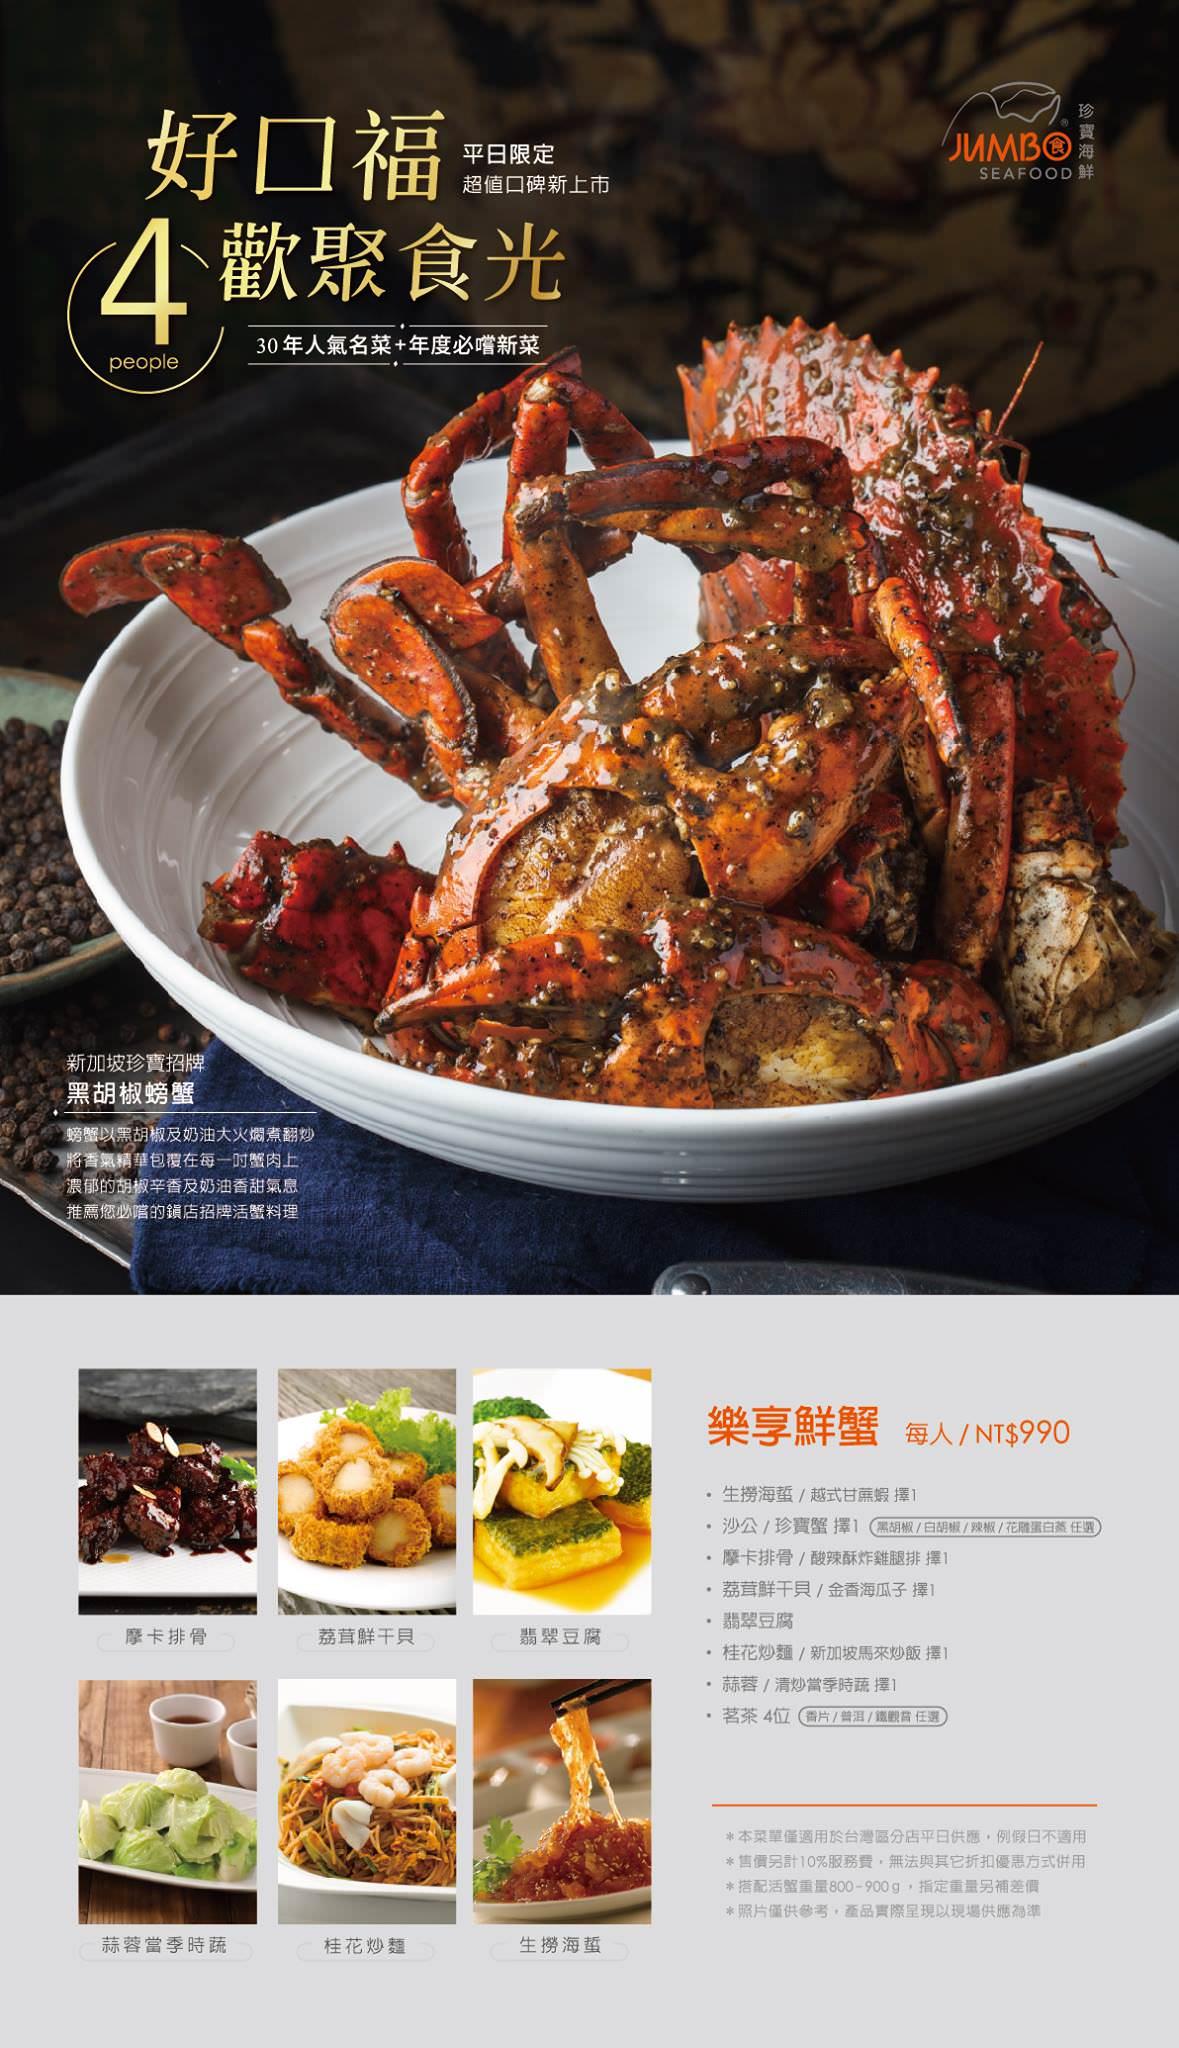 [市政府站]珍寶海鮮~平日樂享鮮蟹套餐990元 輕鬆享有新加坡美食辣椒螃蟹/胡椒螃蟹 - ifunny 艾方妮的遊樂場